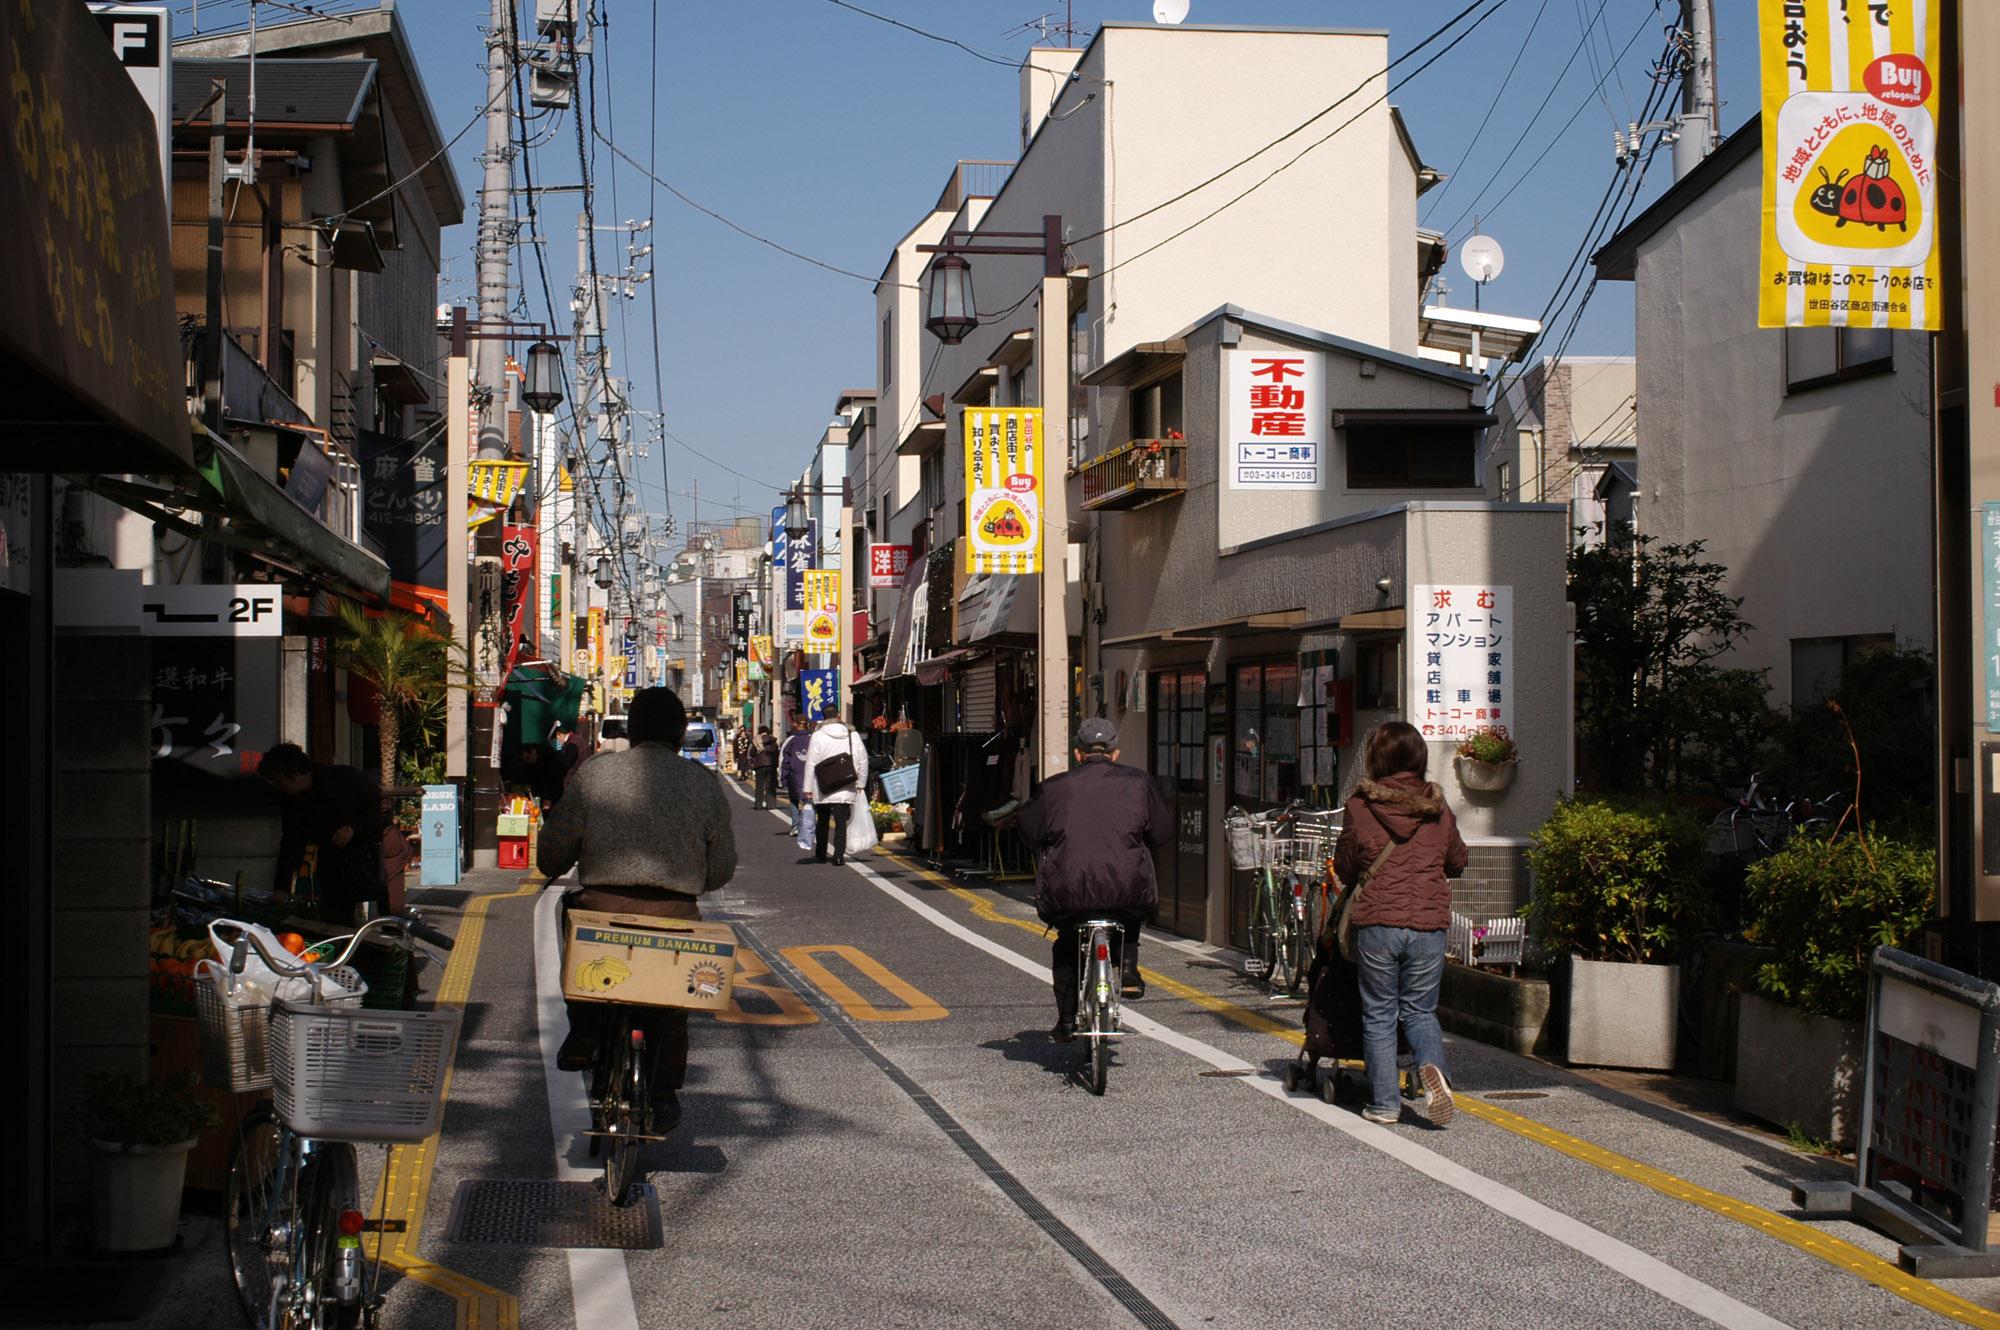 http://www.dgcr.com/kiji/20090212/fig1